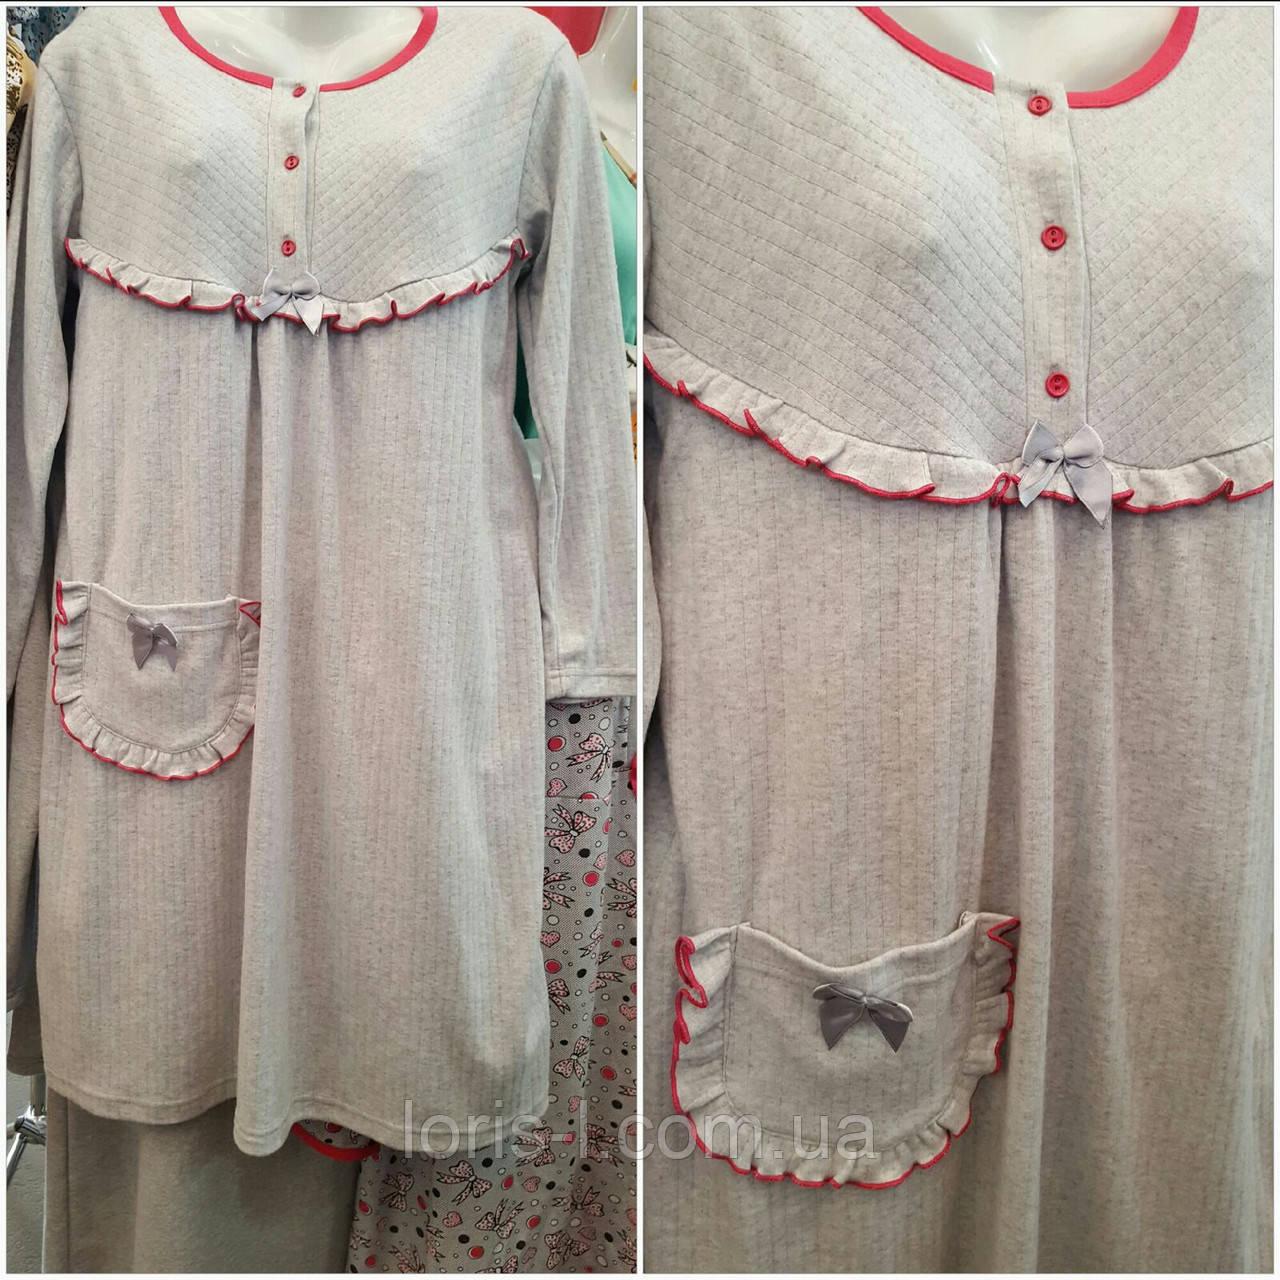 637eb328820b Ночная сорочка флис - Интернет-магазин одежды для Всей семьи